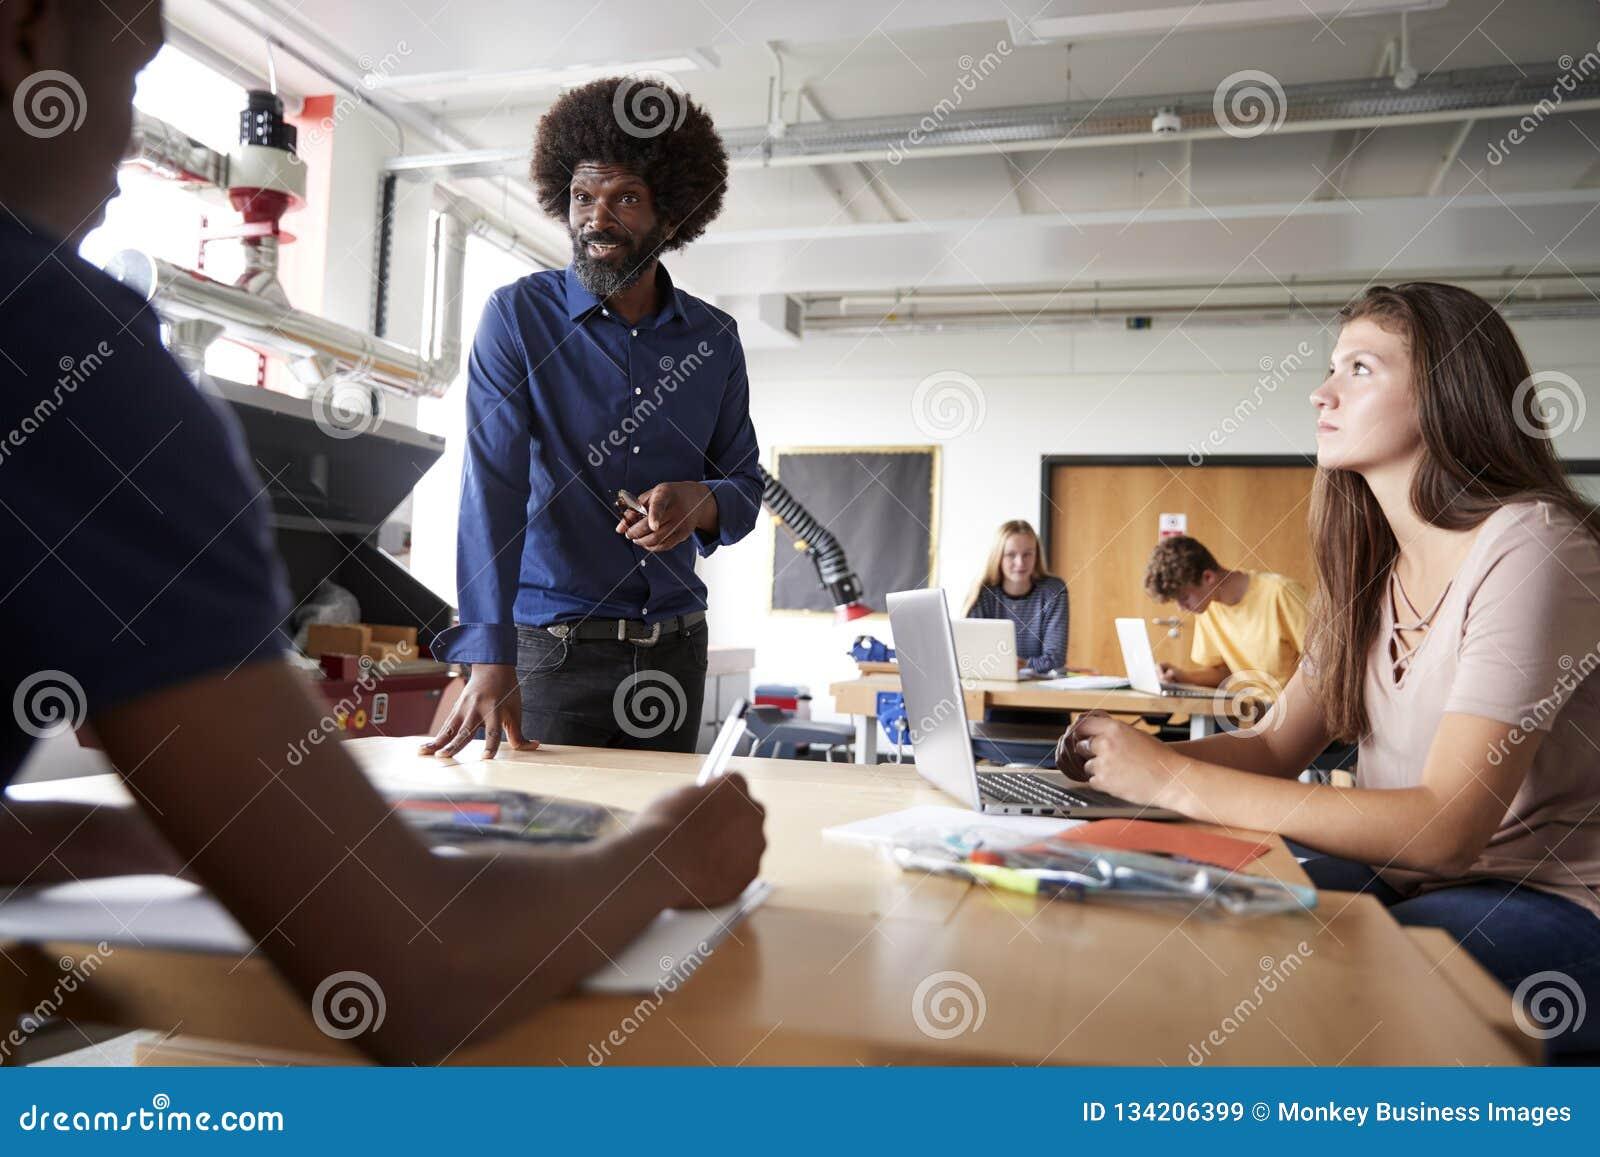 Lehrer Talking To Group von den hohen Schülern, die an den Werkbänken in der Entwurfs-und Technologie-Lektion sitzen